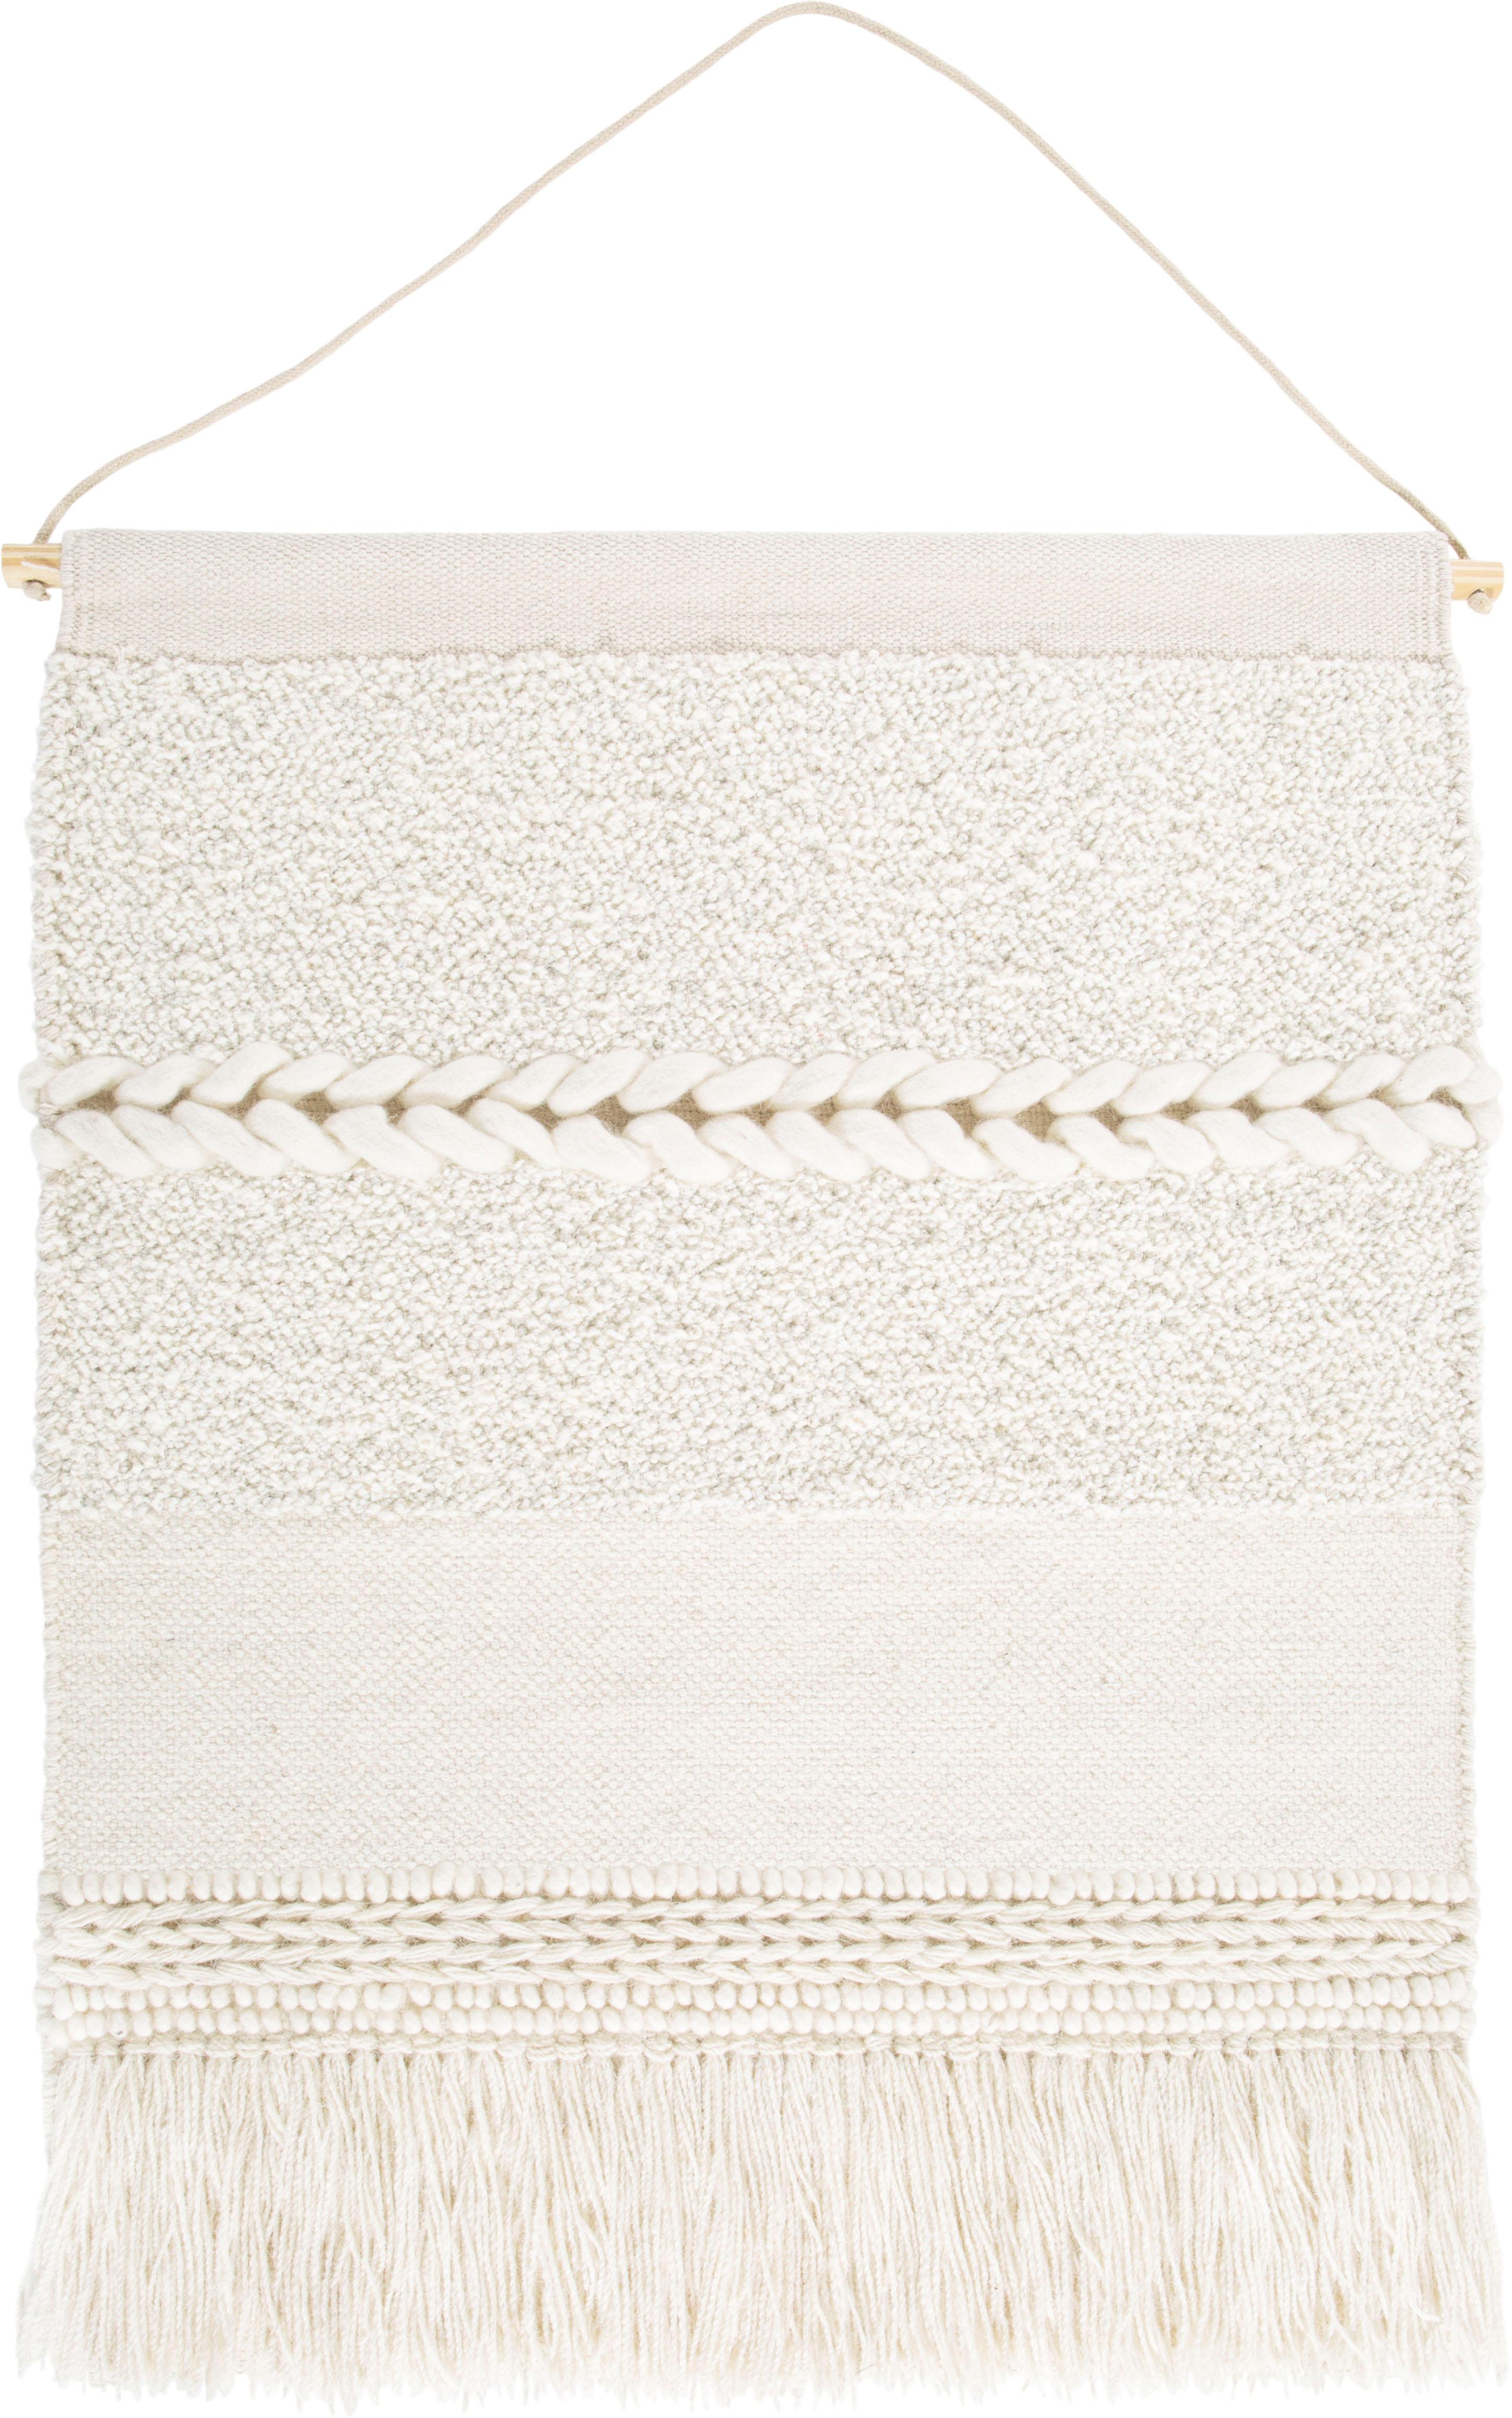 Wandteppich Skagen 2 LUXOR living rechteckig Höhe 10 mm handgewebt   Heimtextilien > Teppiche > Wandteppich   Wolle   Luxor Living